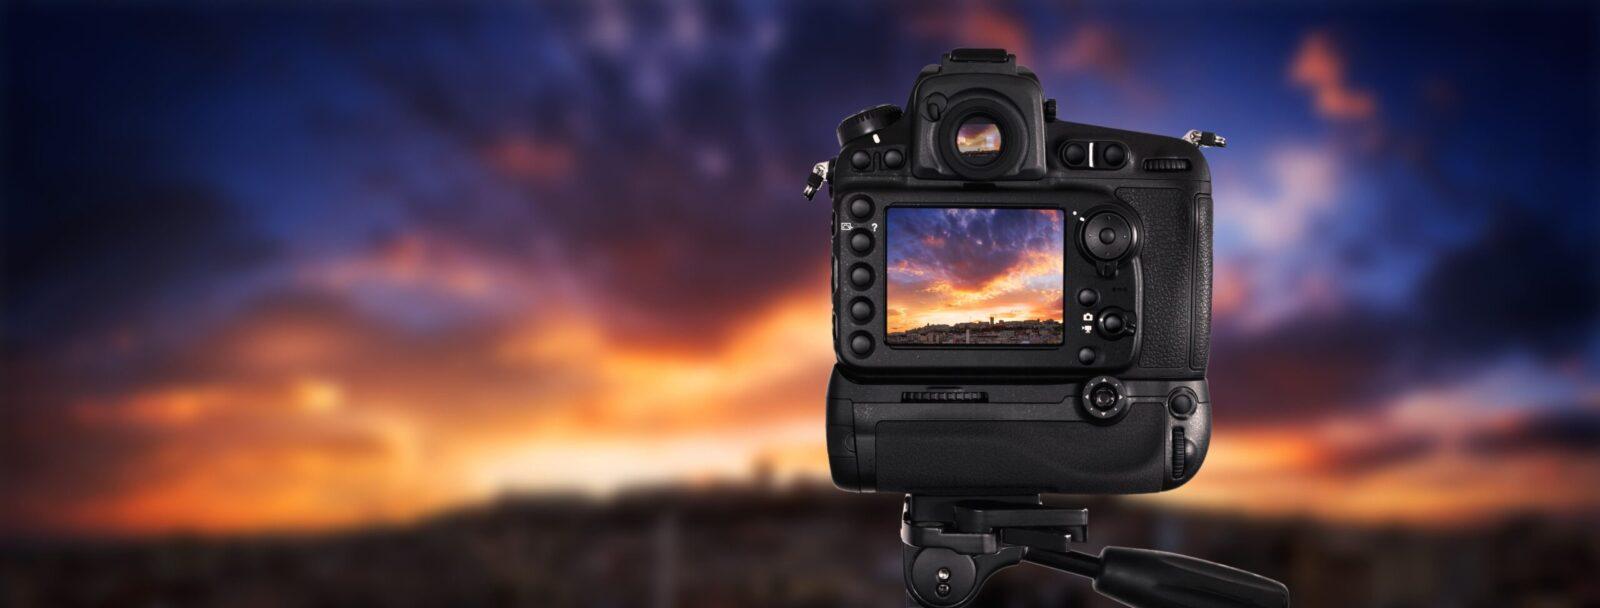 4 Ways Great Photographers Create Amazing Photos